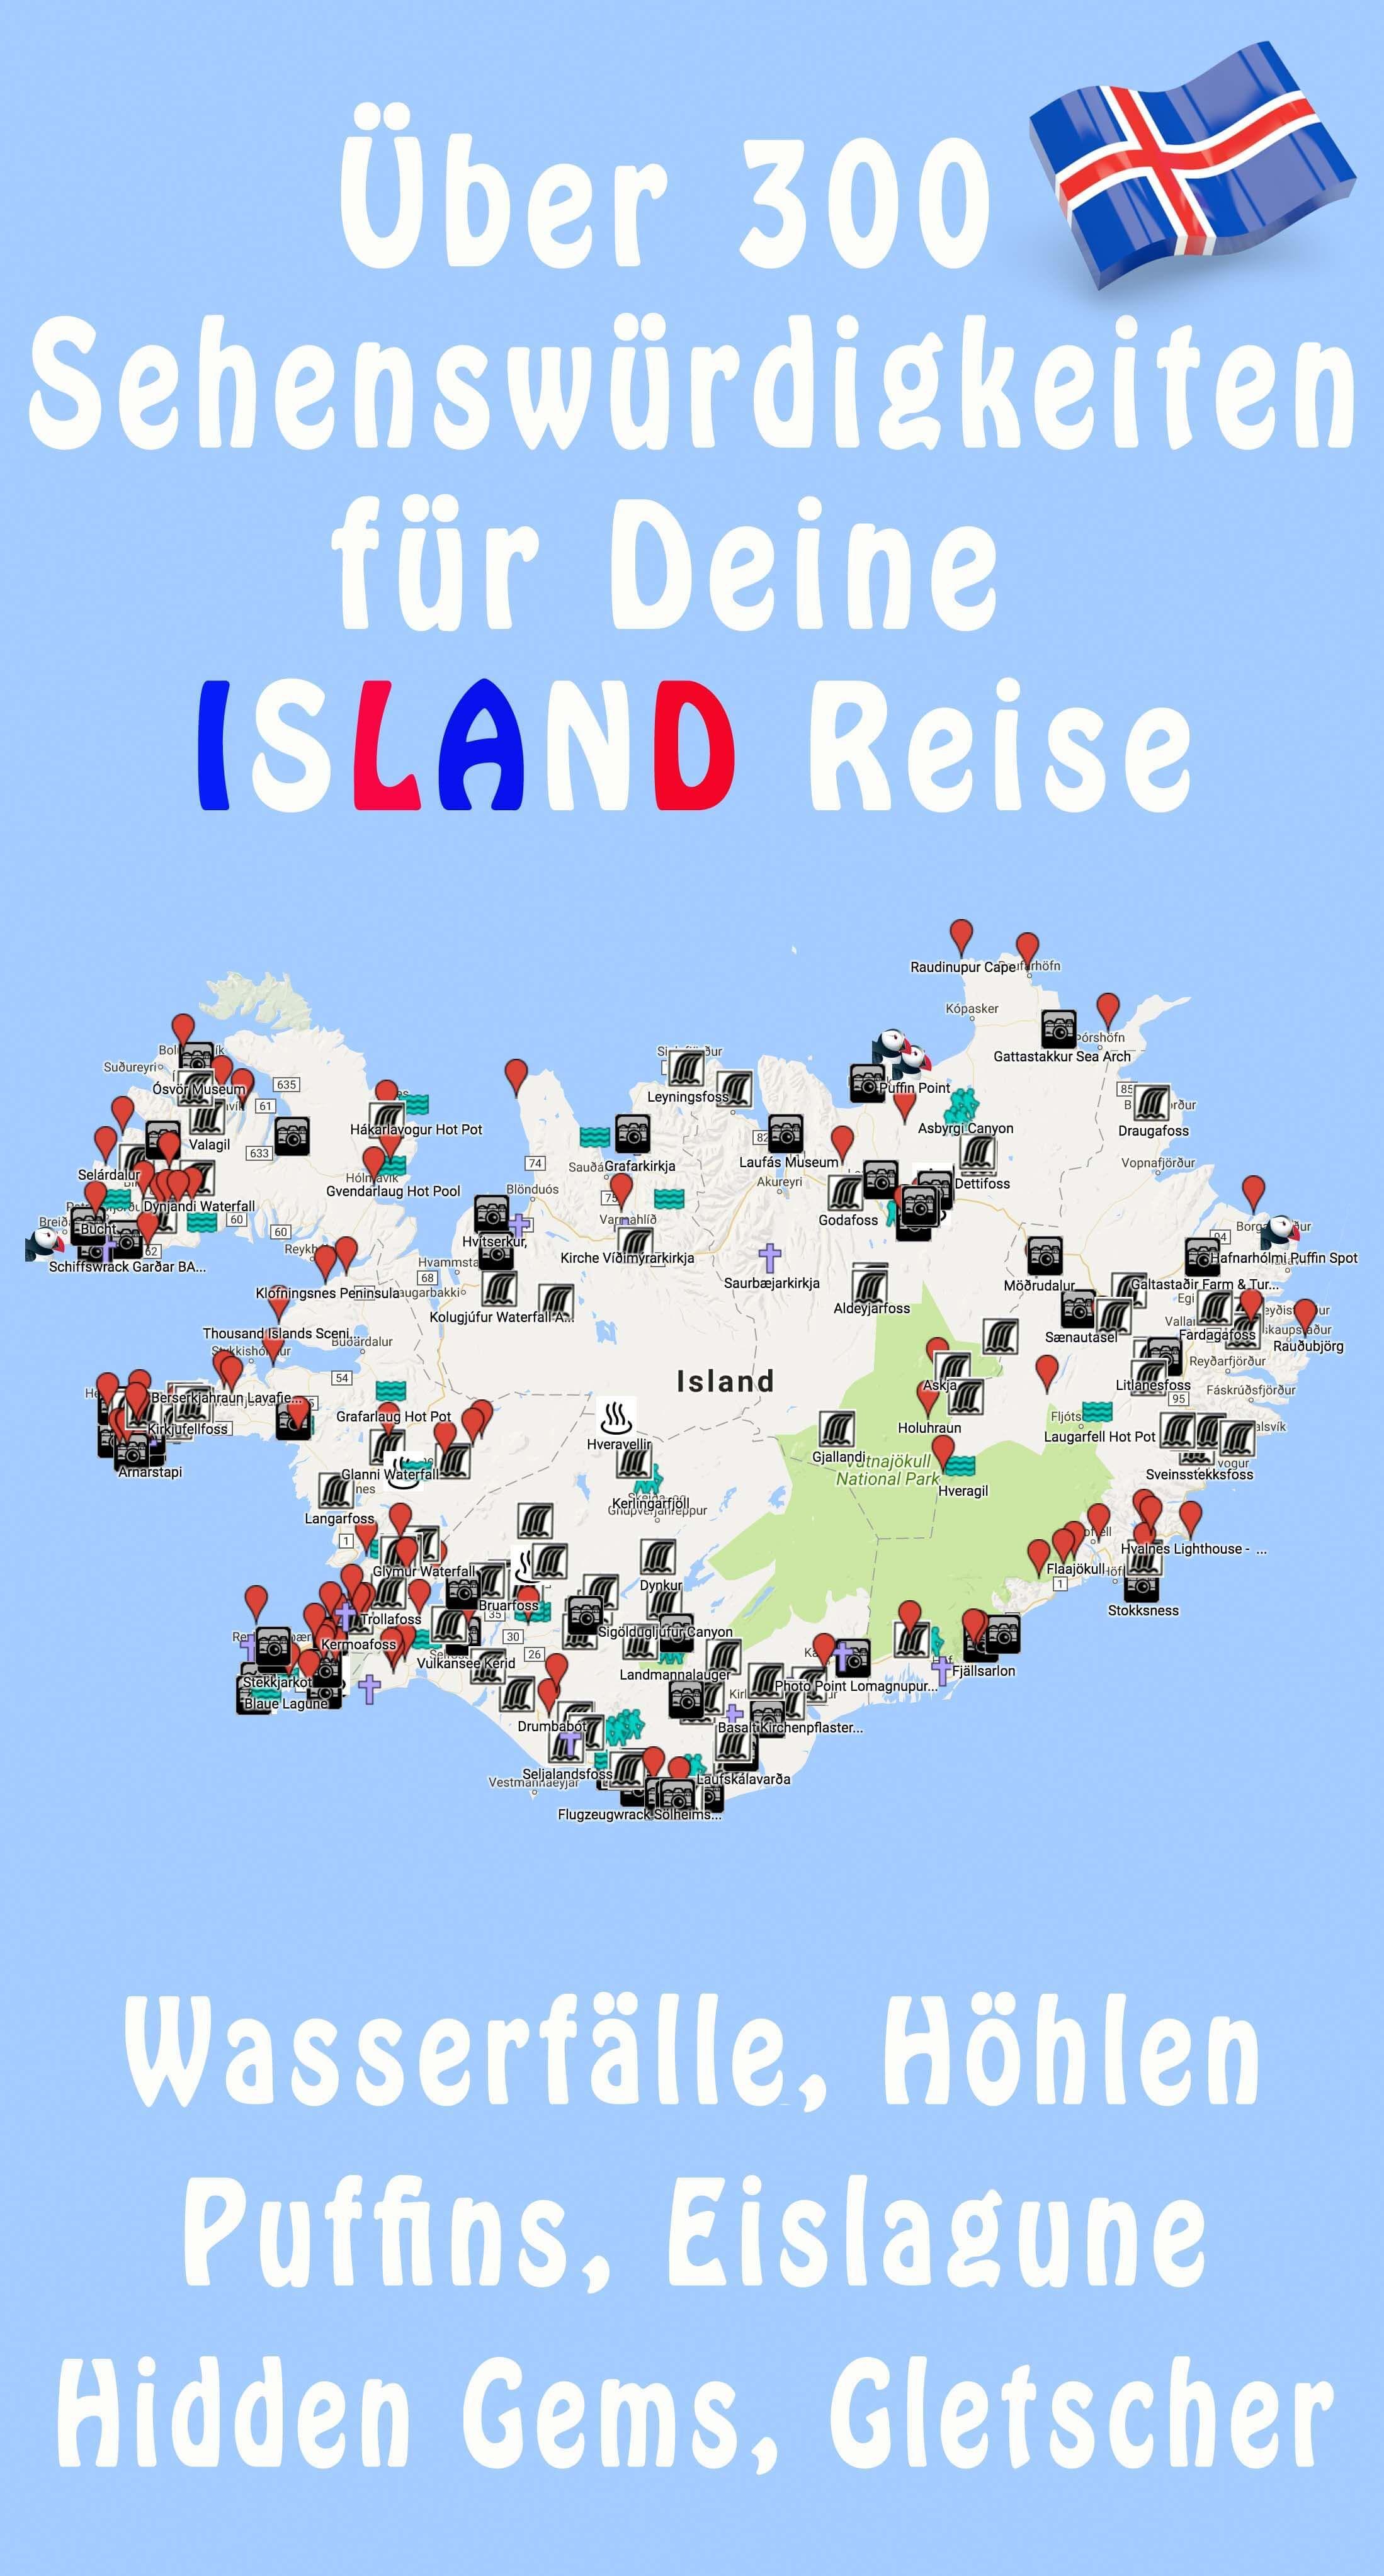 Island Karte 350 Sehenswurdigkeiten Mit Gps Koordinaten Island Reise Gps Koordinaten Island Urlaub